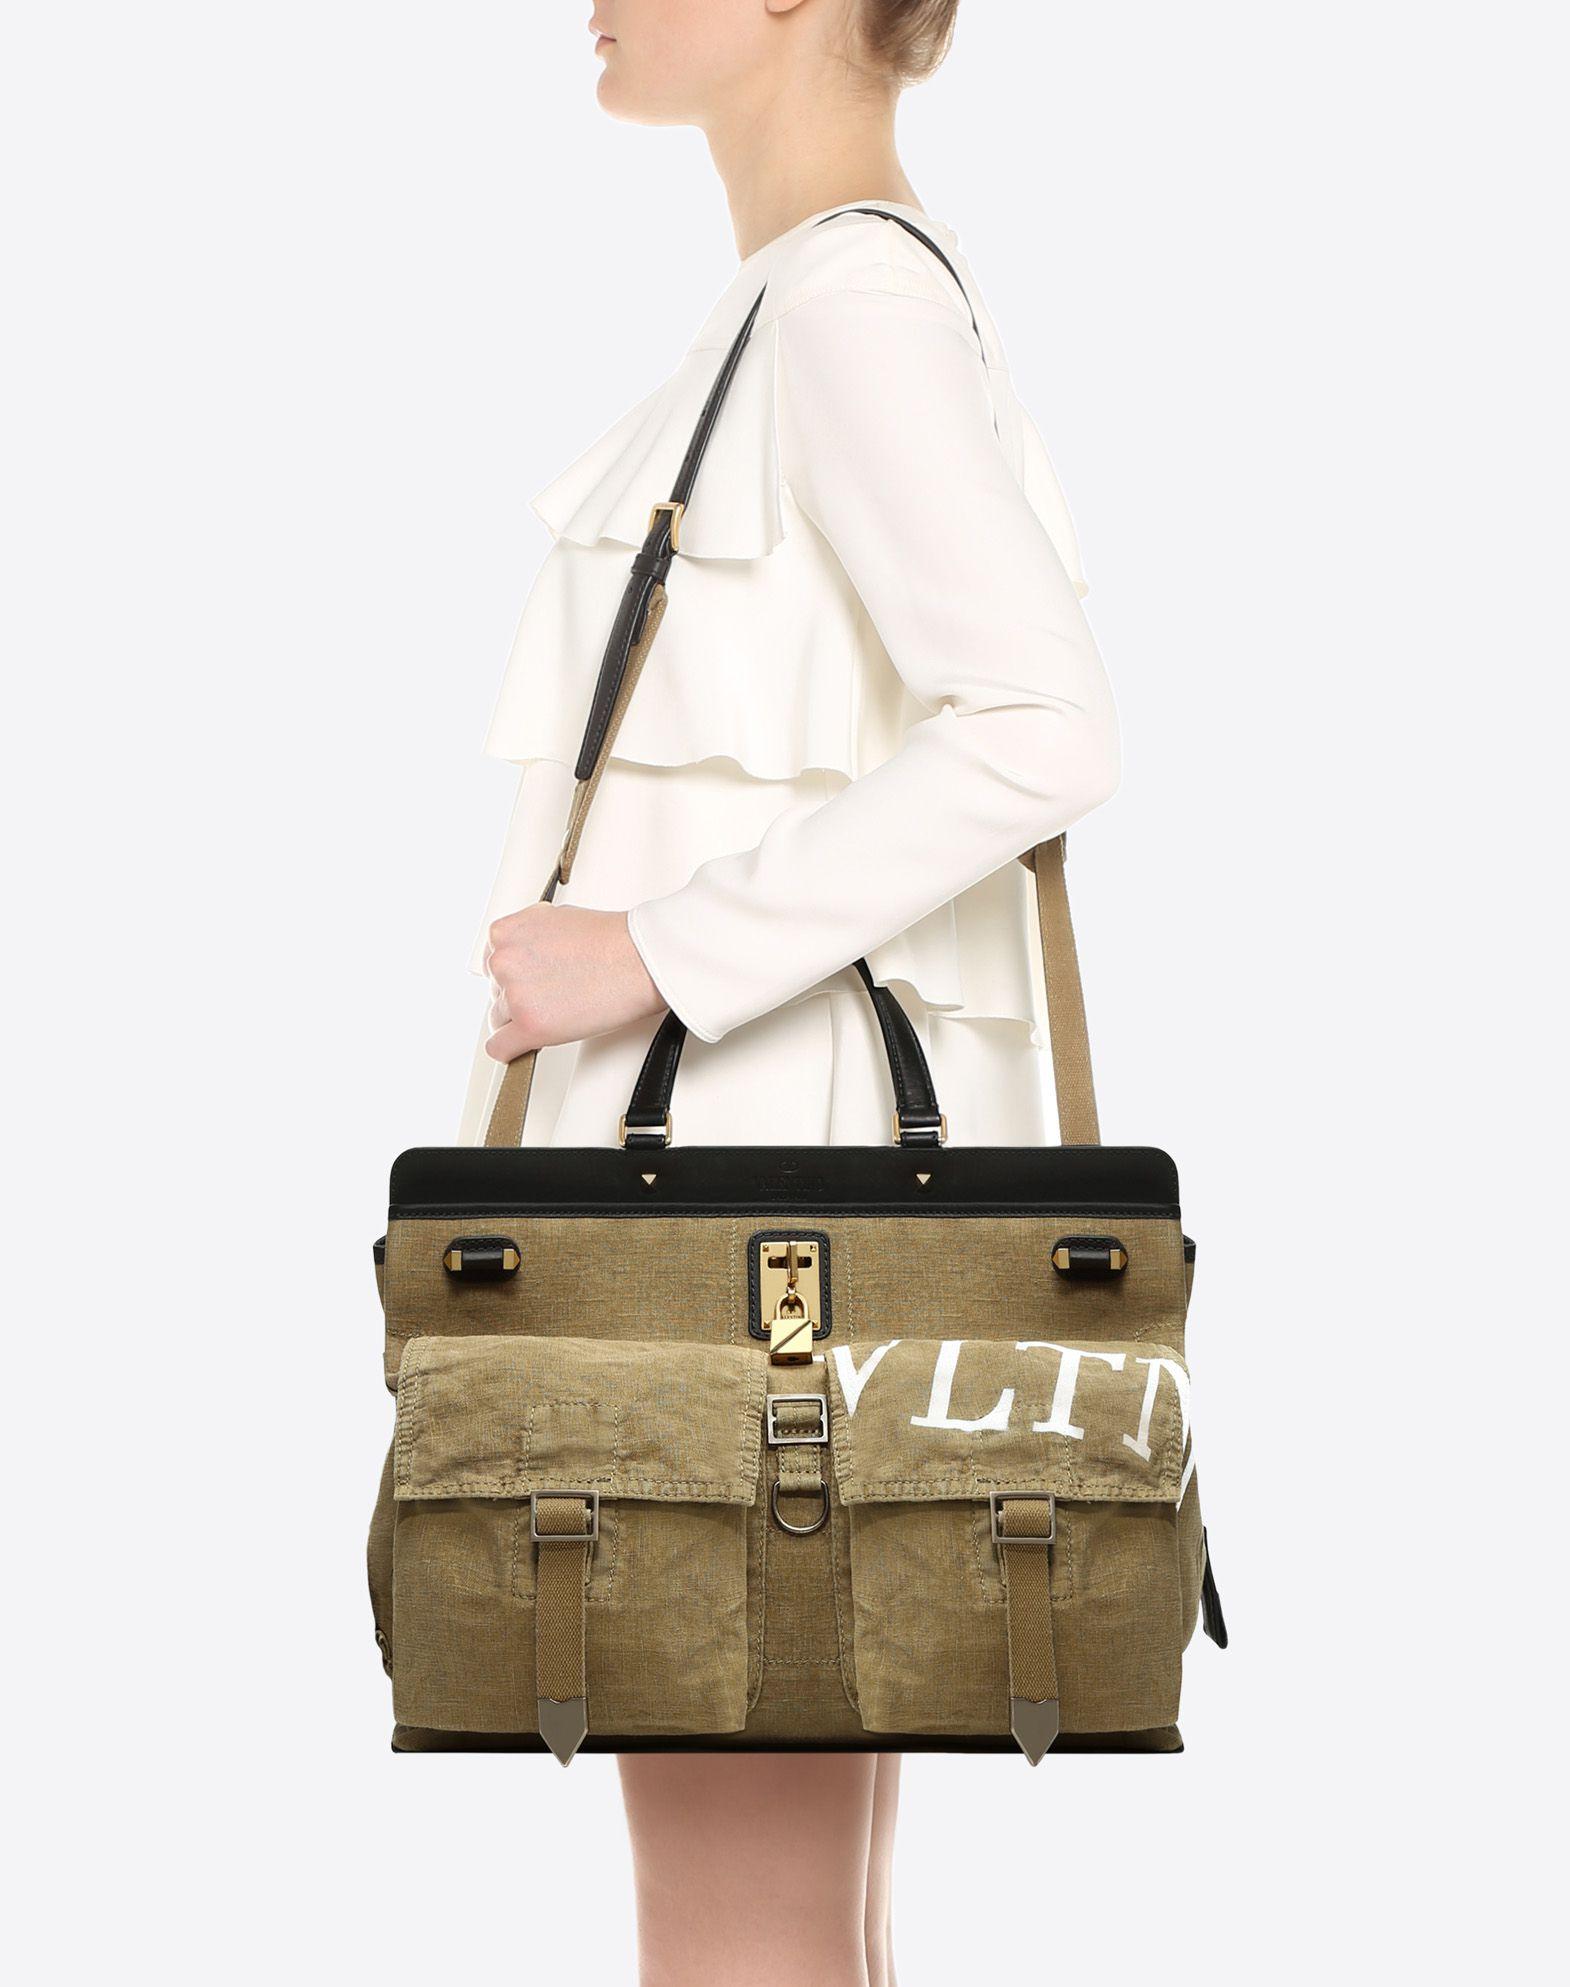 VALENTINO GARAVANI Joylock Maxi Handle Bag HANDBAG D a